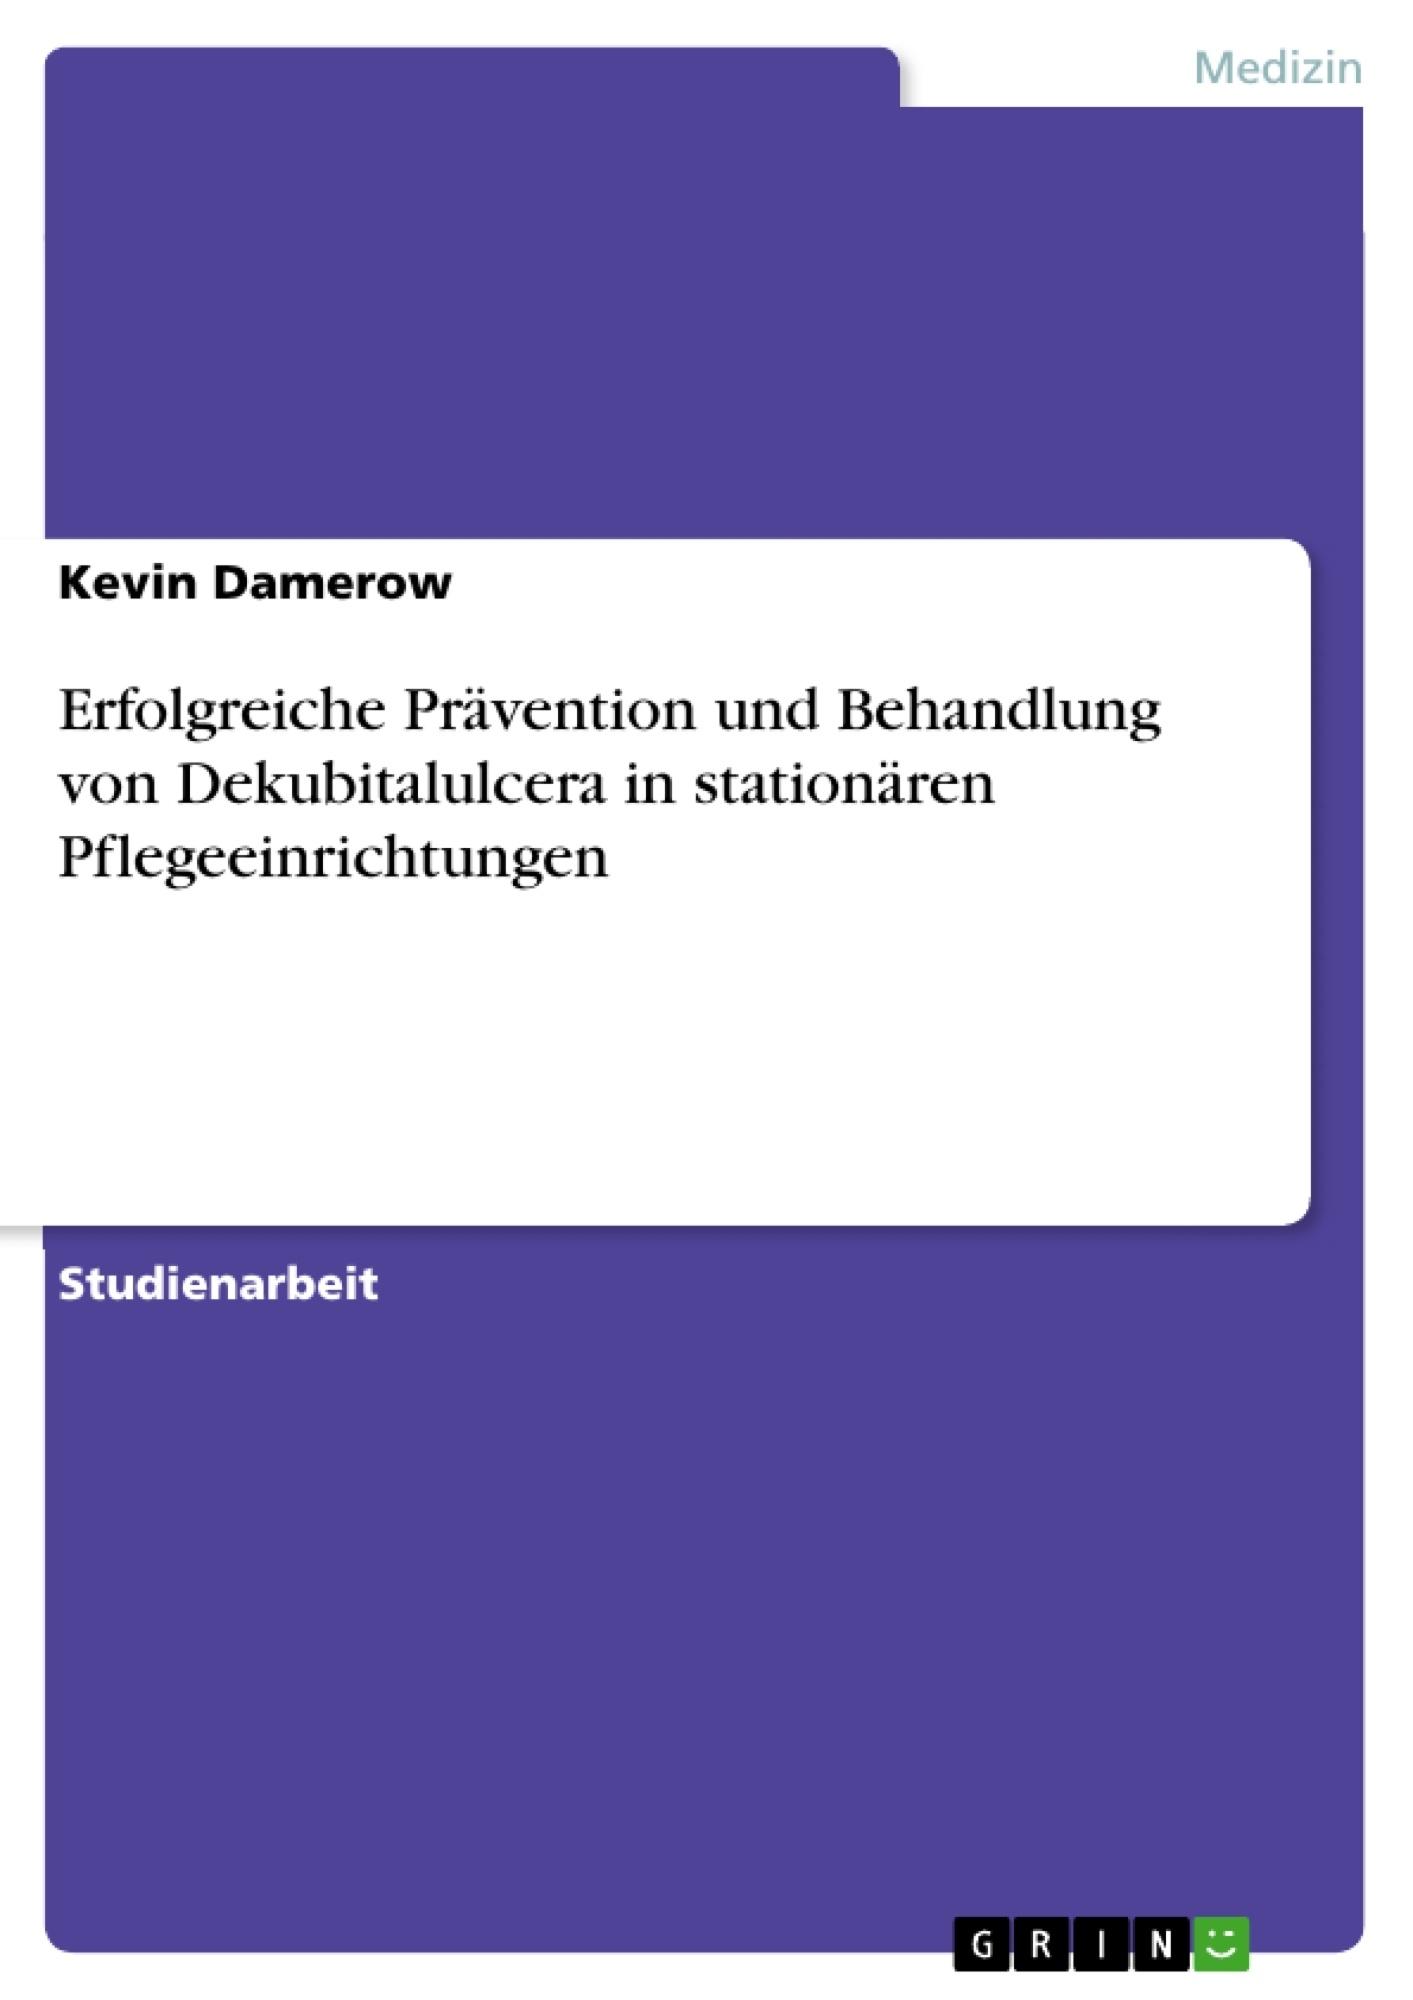 Titel: Erfolgreiche Prävention und Behandlung von Dekubitalulcera in stationären Pflegeeinrichtungen